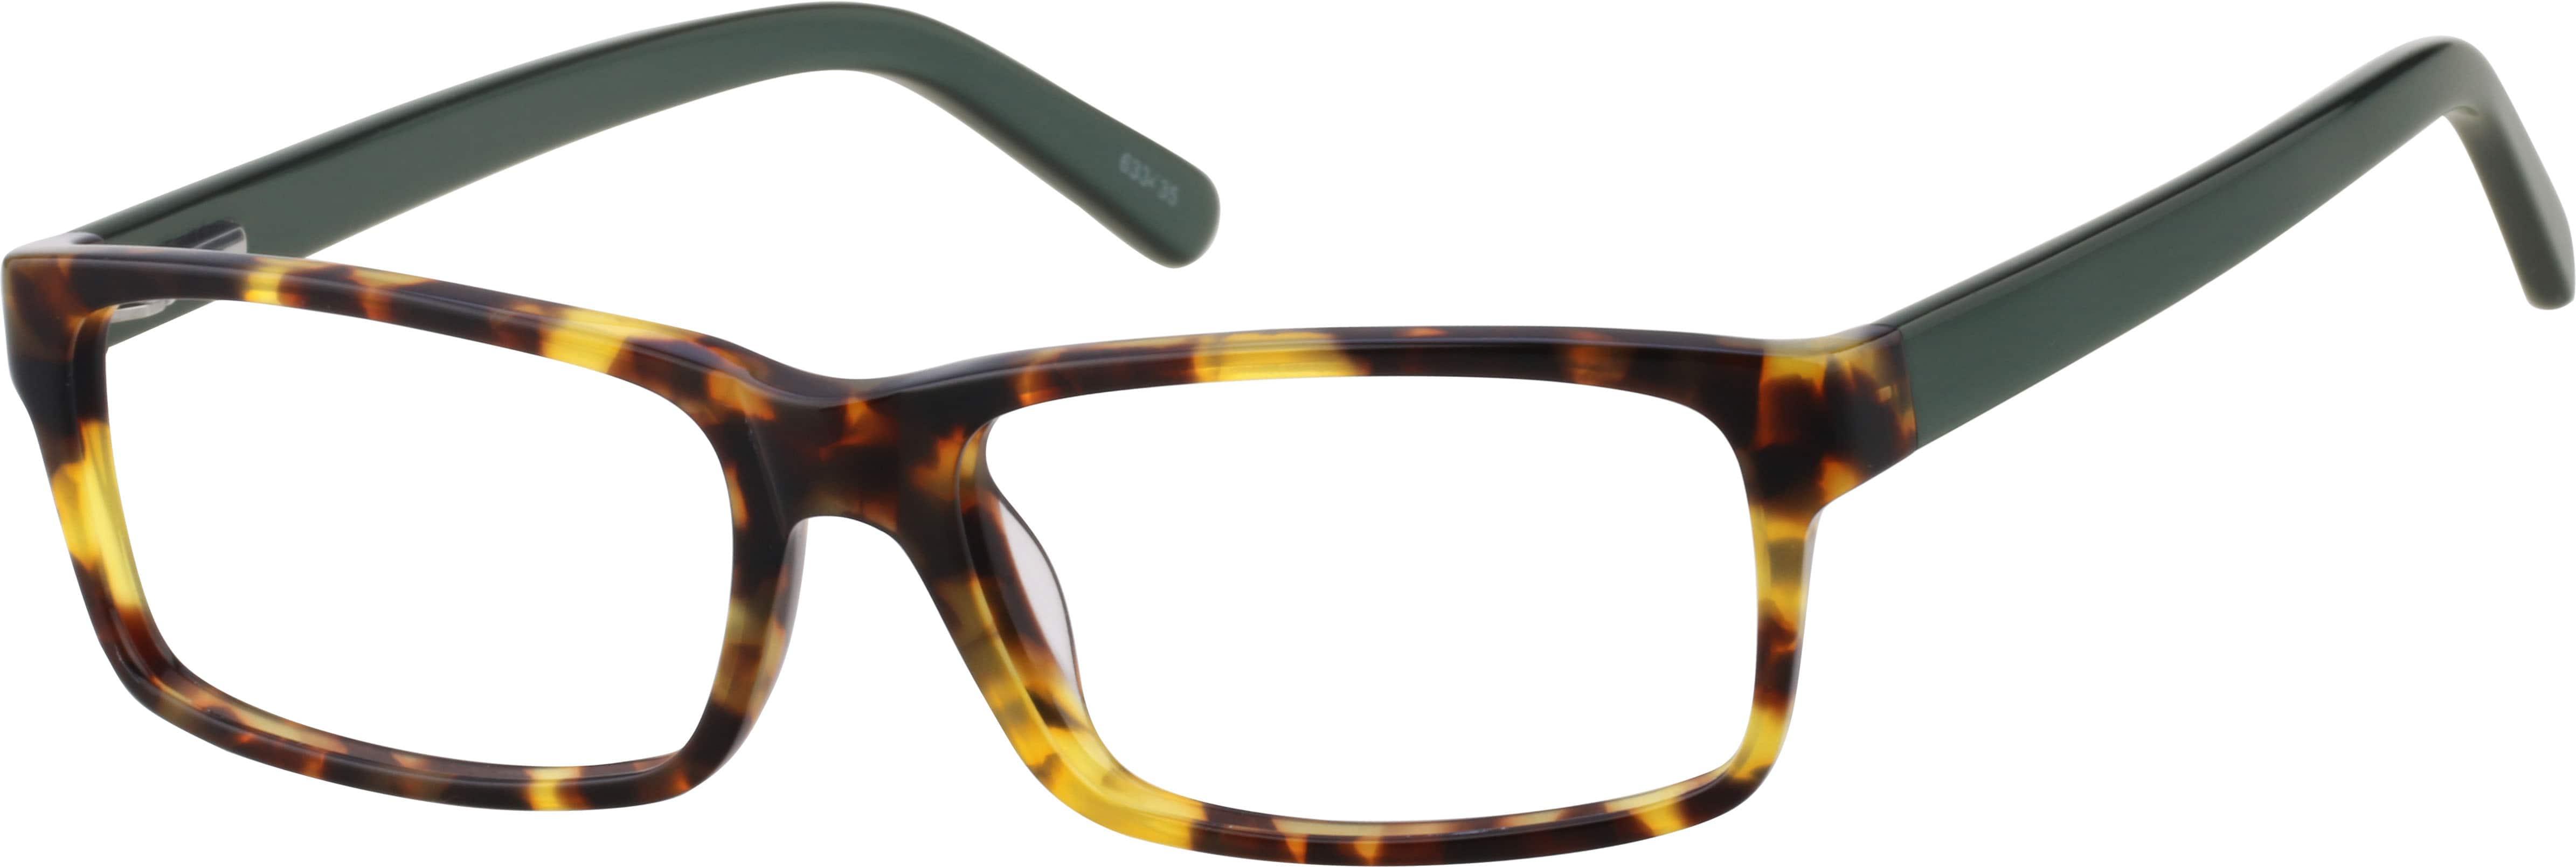 UnisexFull RimAcetate/PlasticEyeglasses #633435